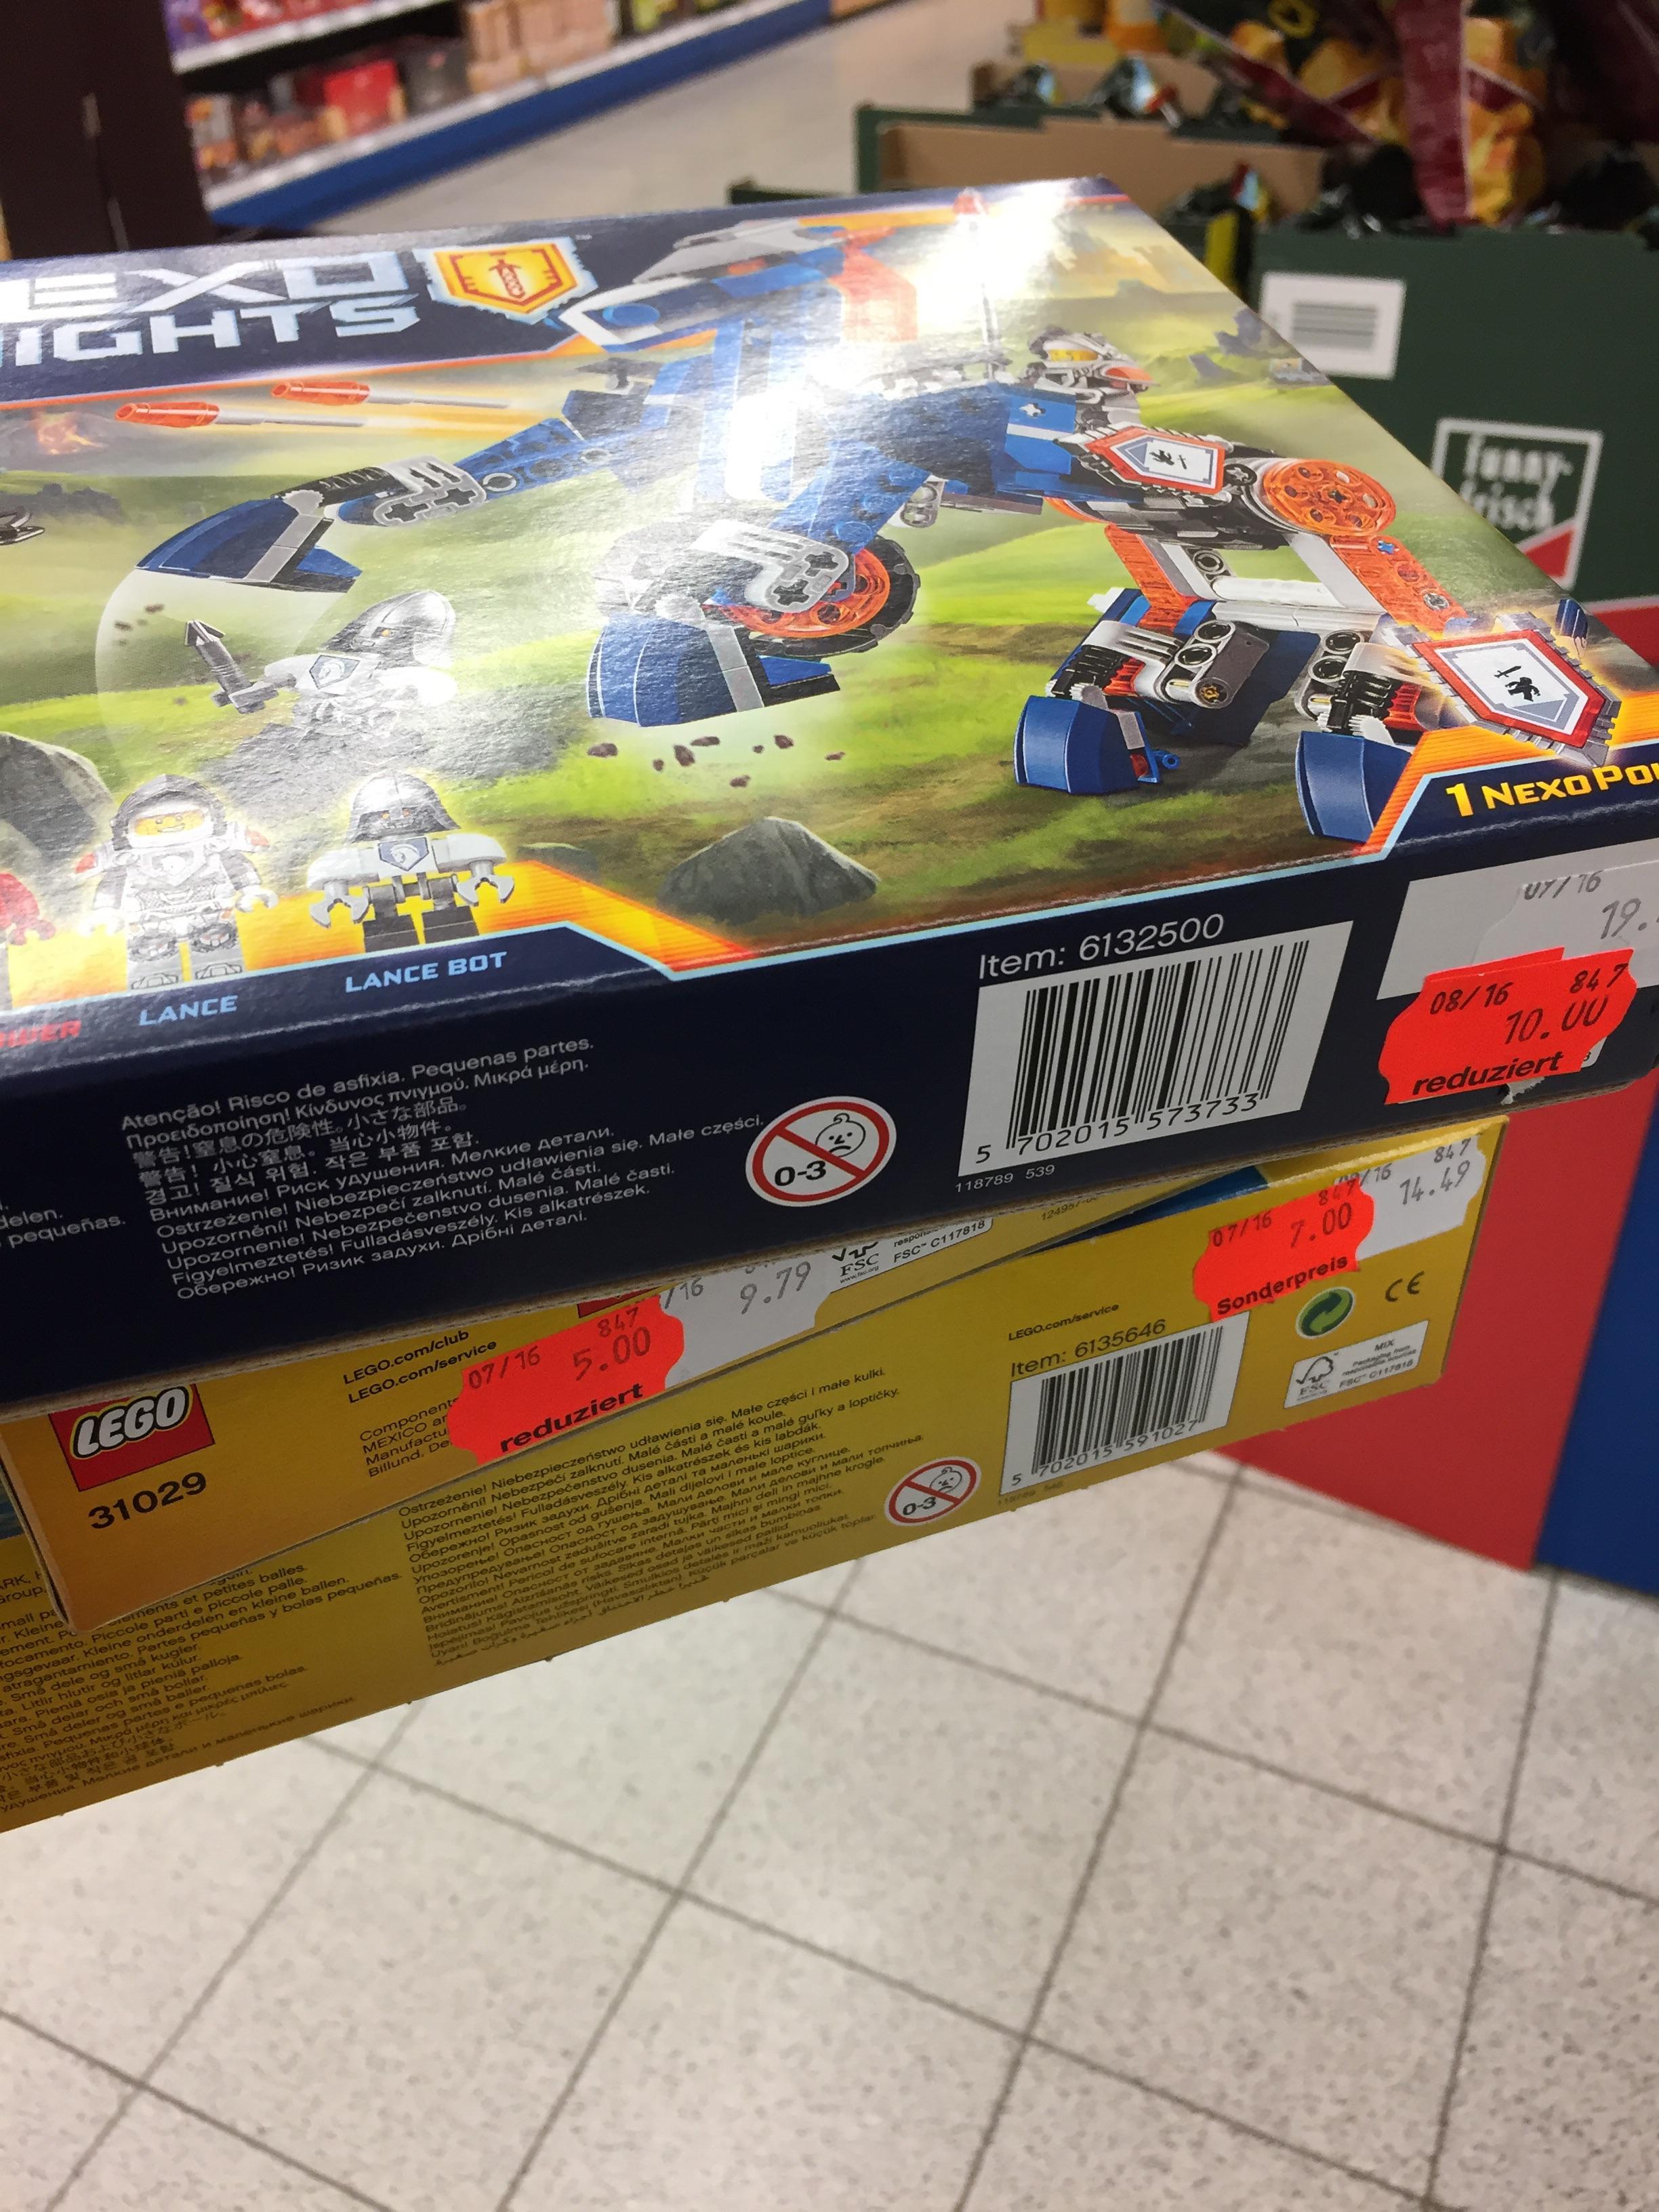 [Lokal] Sky XXL Lübeck viele Lego Pakete reduziert z.B. Nexo Knights 70312 für 10€ statt 16€